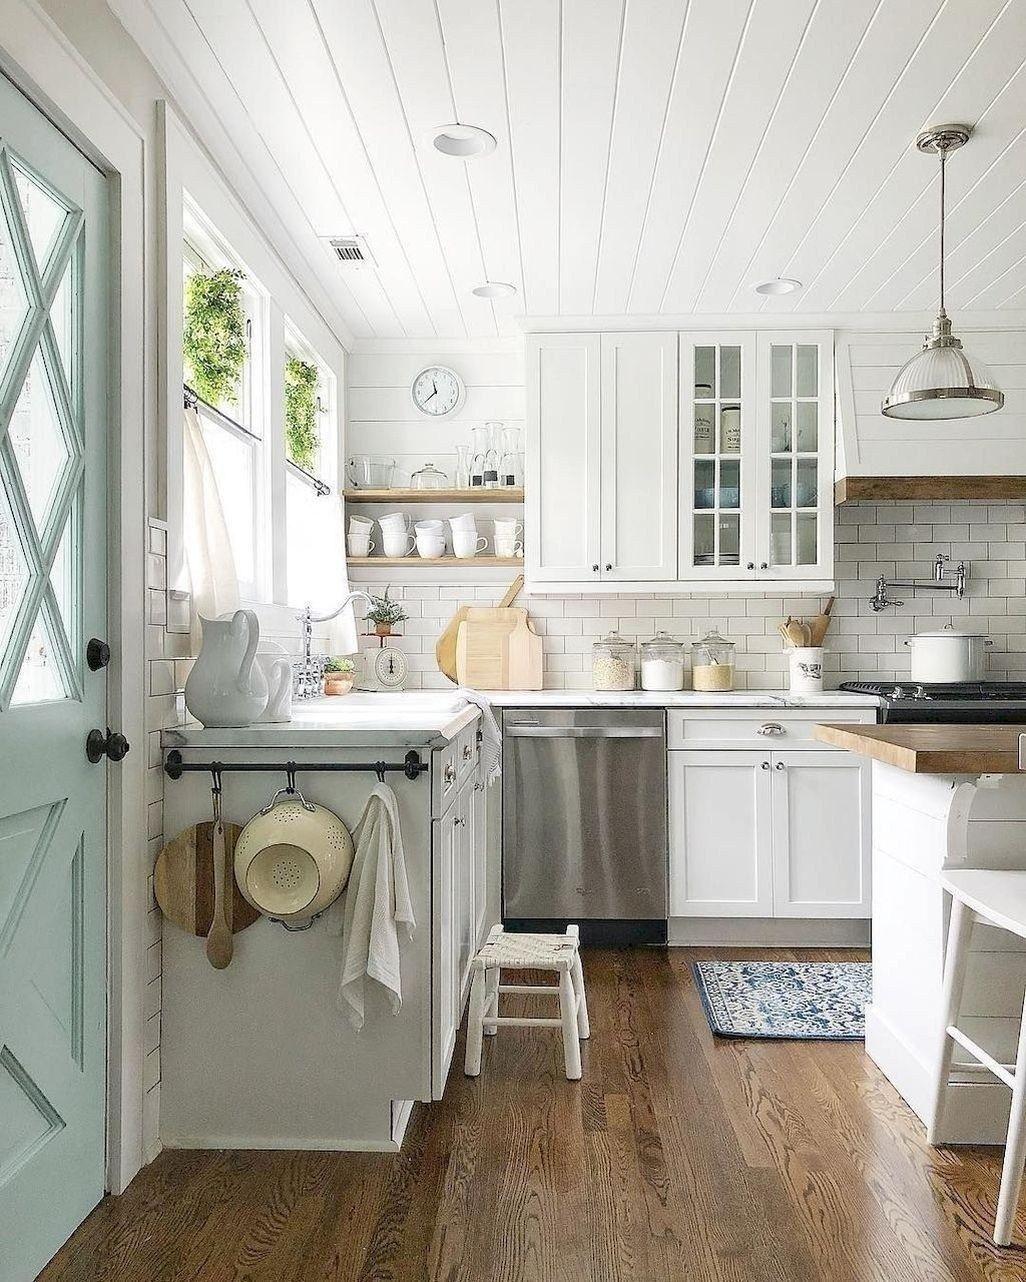 36 Best Farmhouse Kitchen Art Ideas In 2020 Cottage Kitchen Design Farmhouse Style Kitchen Farmhouse Kitchen Design